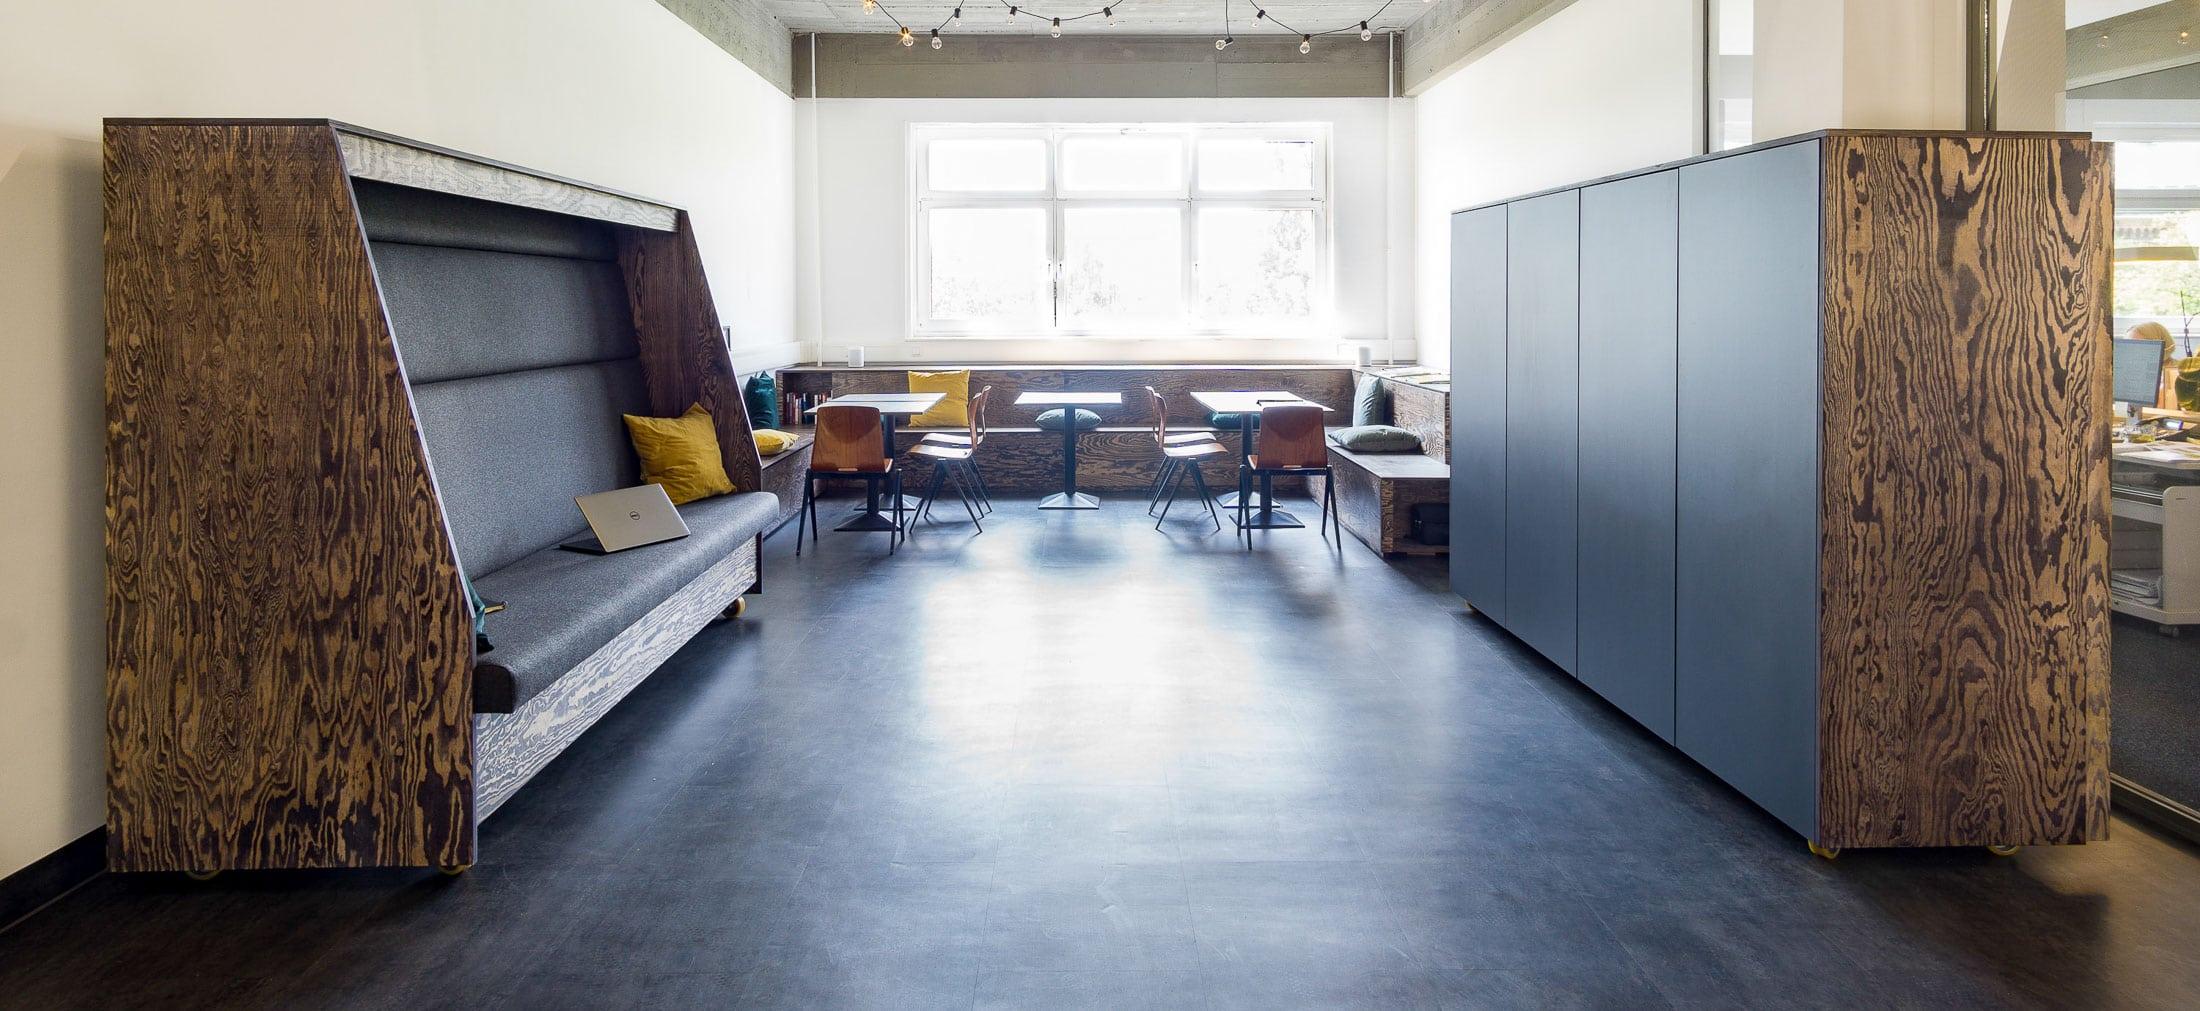 muesiemue Interiordesign, Sitzlandschaft und mobile Sitzcubes sowie Garderobe, Funktion und Design von handwerkplusdesign für ioo Architekten_top